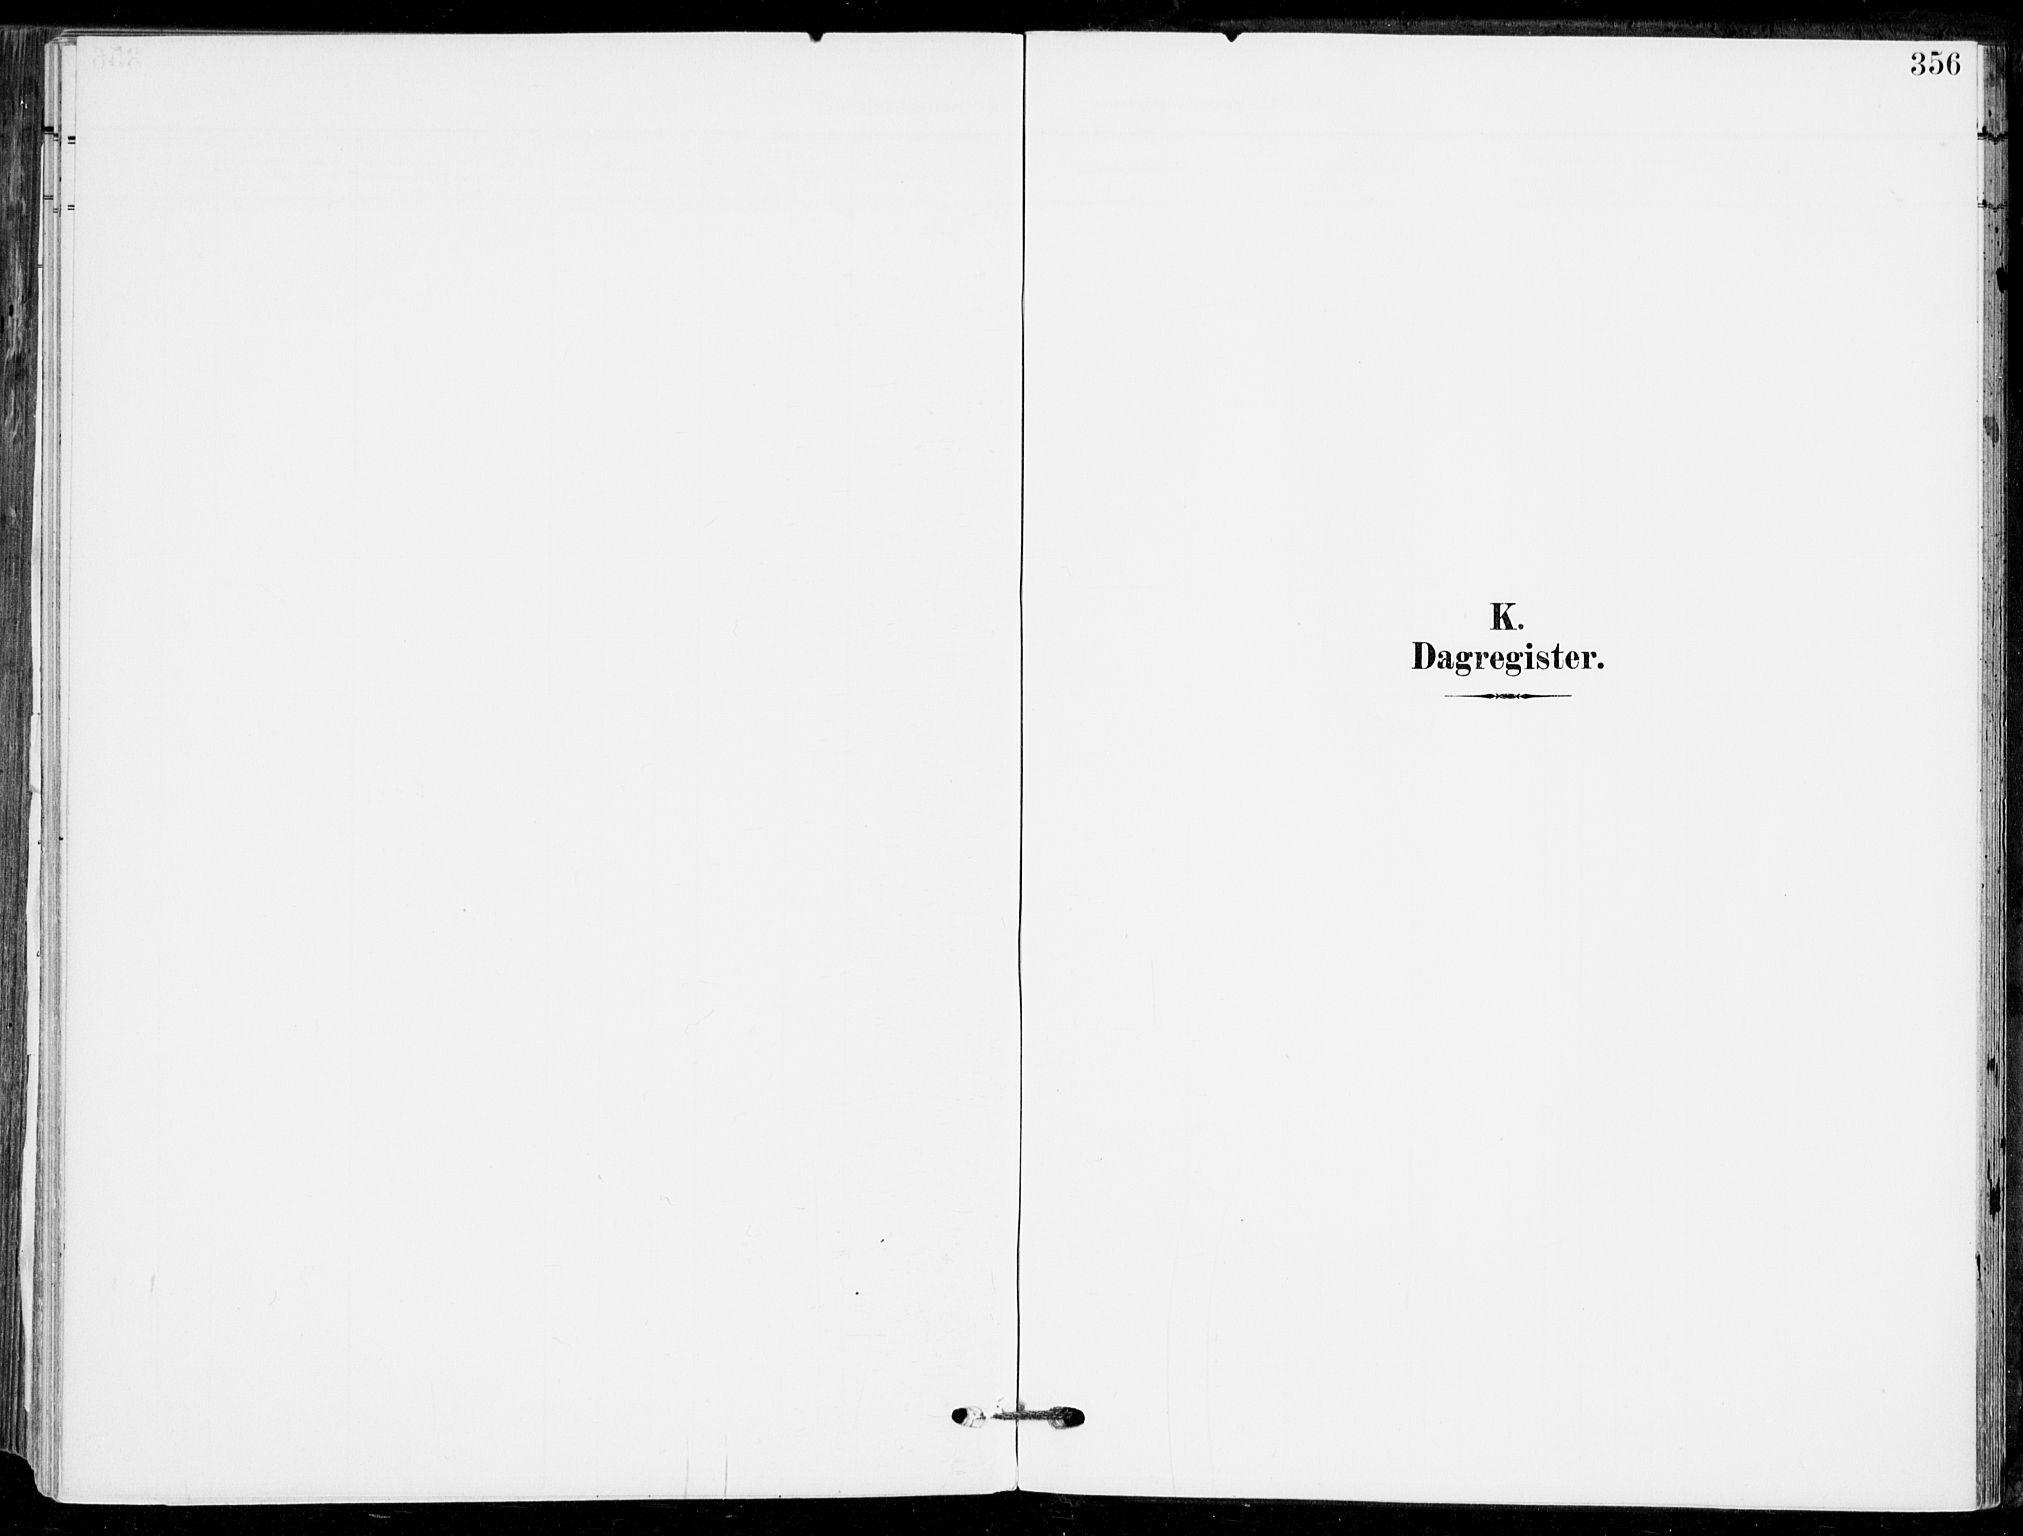 SAKO, Sande Kirkebøker, F/Fa/L0008: Ministerialbok nr. 8, 1904-1921, s. 356